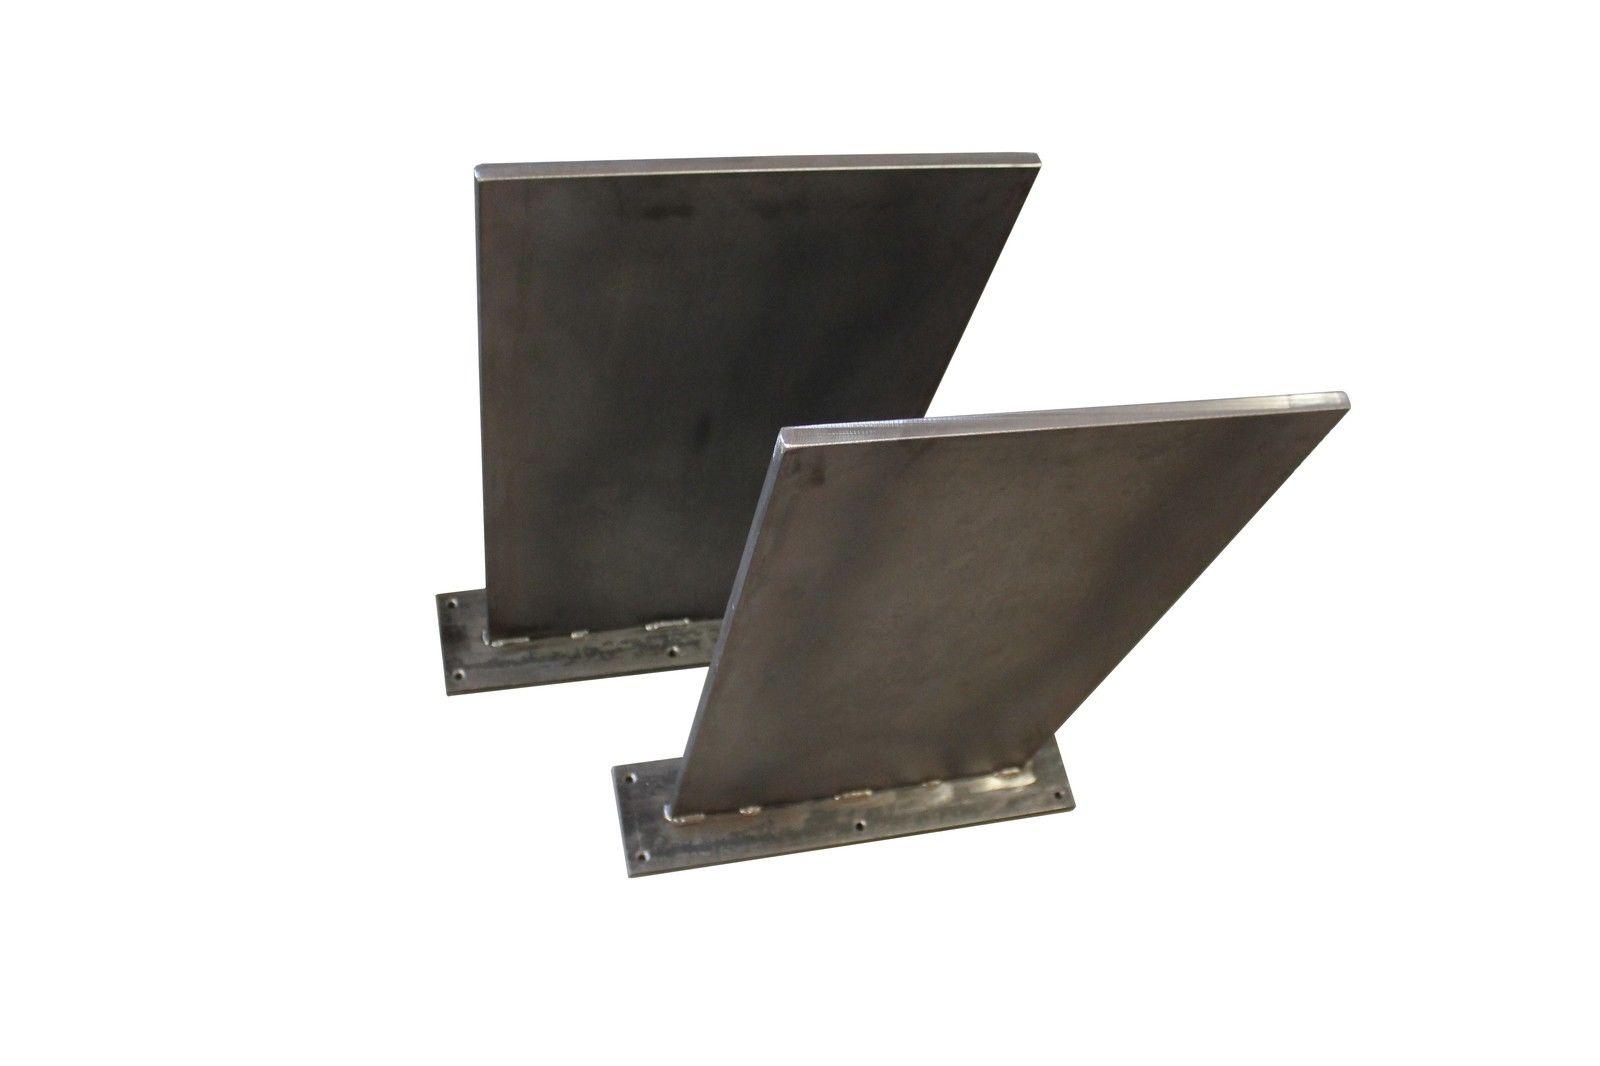 Tischgestell stahl tischkufen loft style stahl moor for Tischgestell design